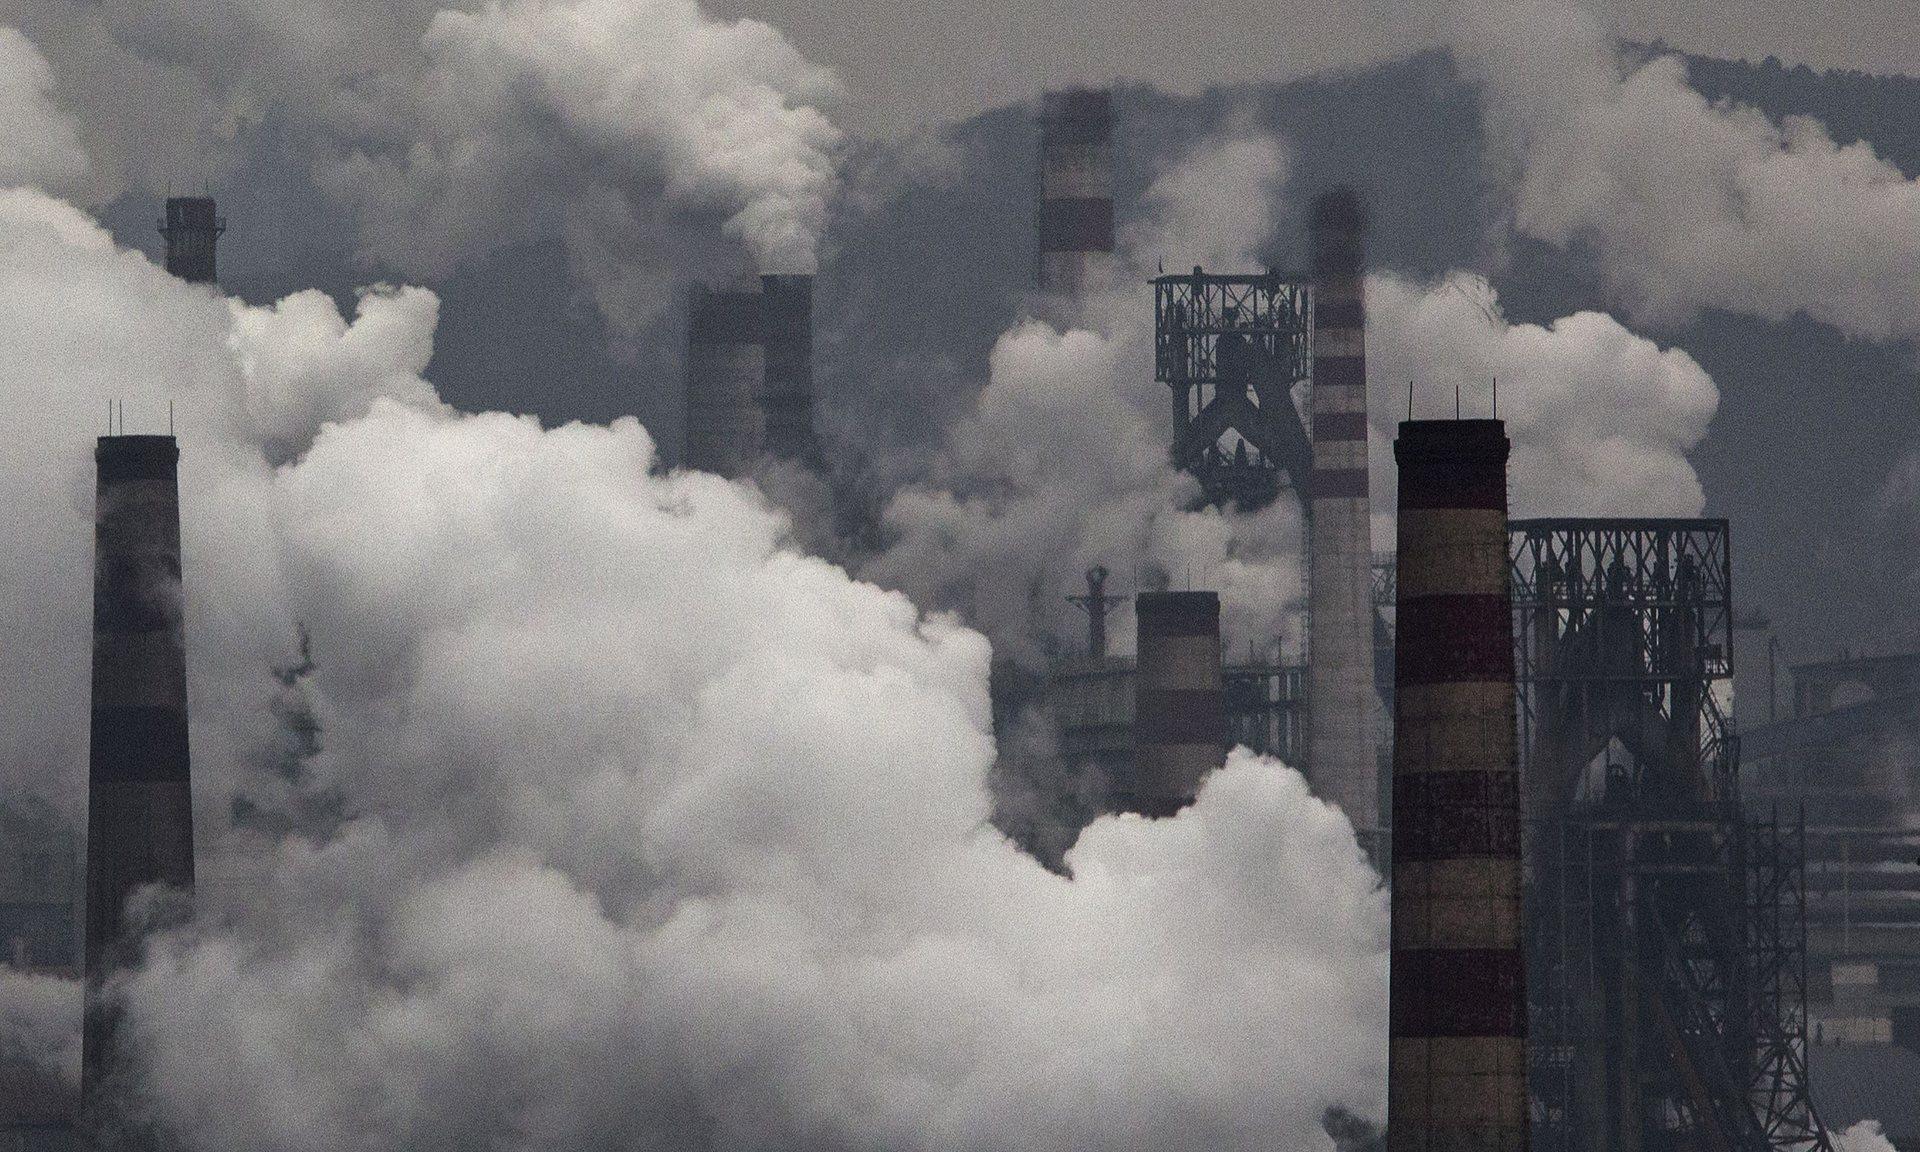 غلظت-دیاکسیدکربن-جو-از-مرز-هشدار-گذشت-گیچ